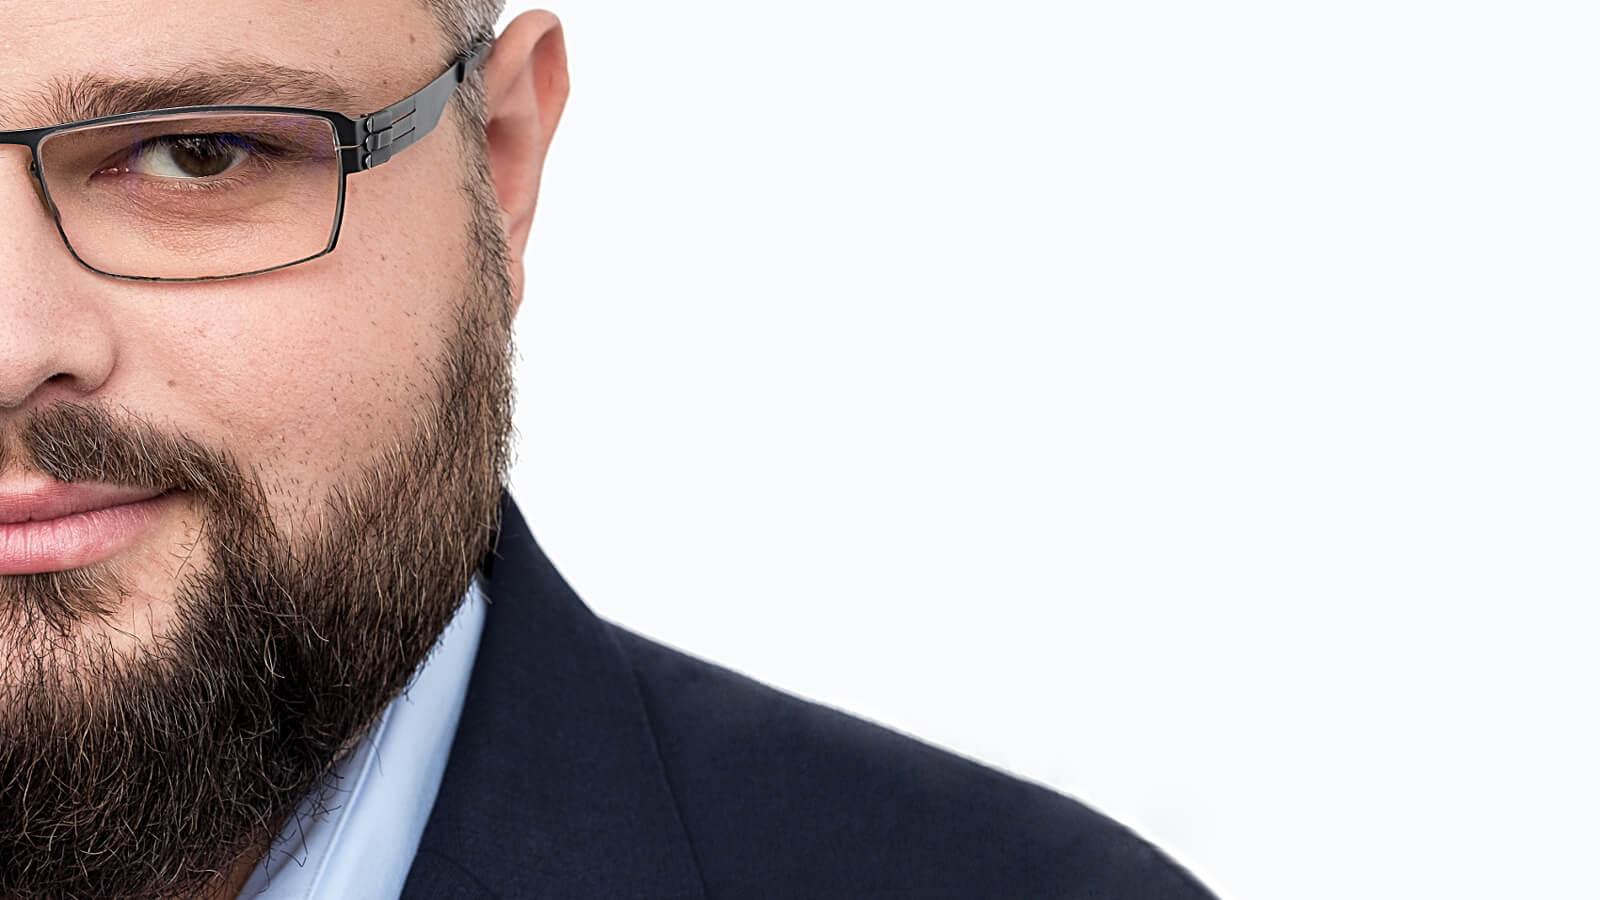 Mateusz Kurleto, Neoteric's CEO